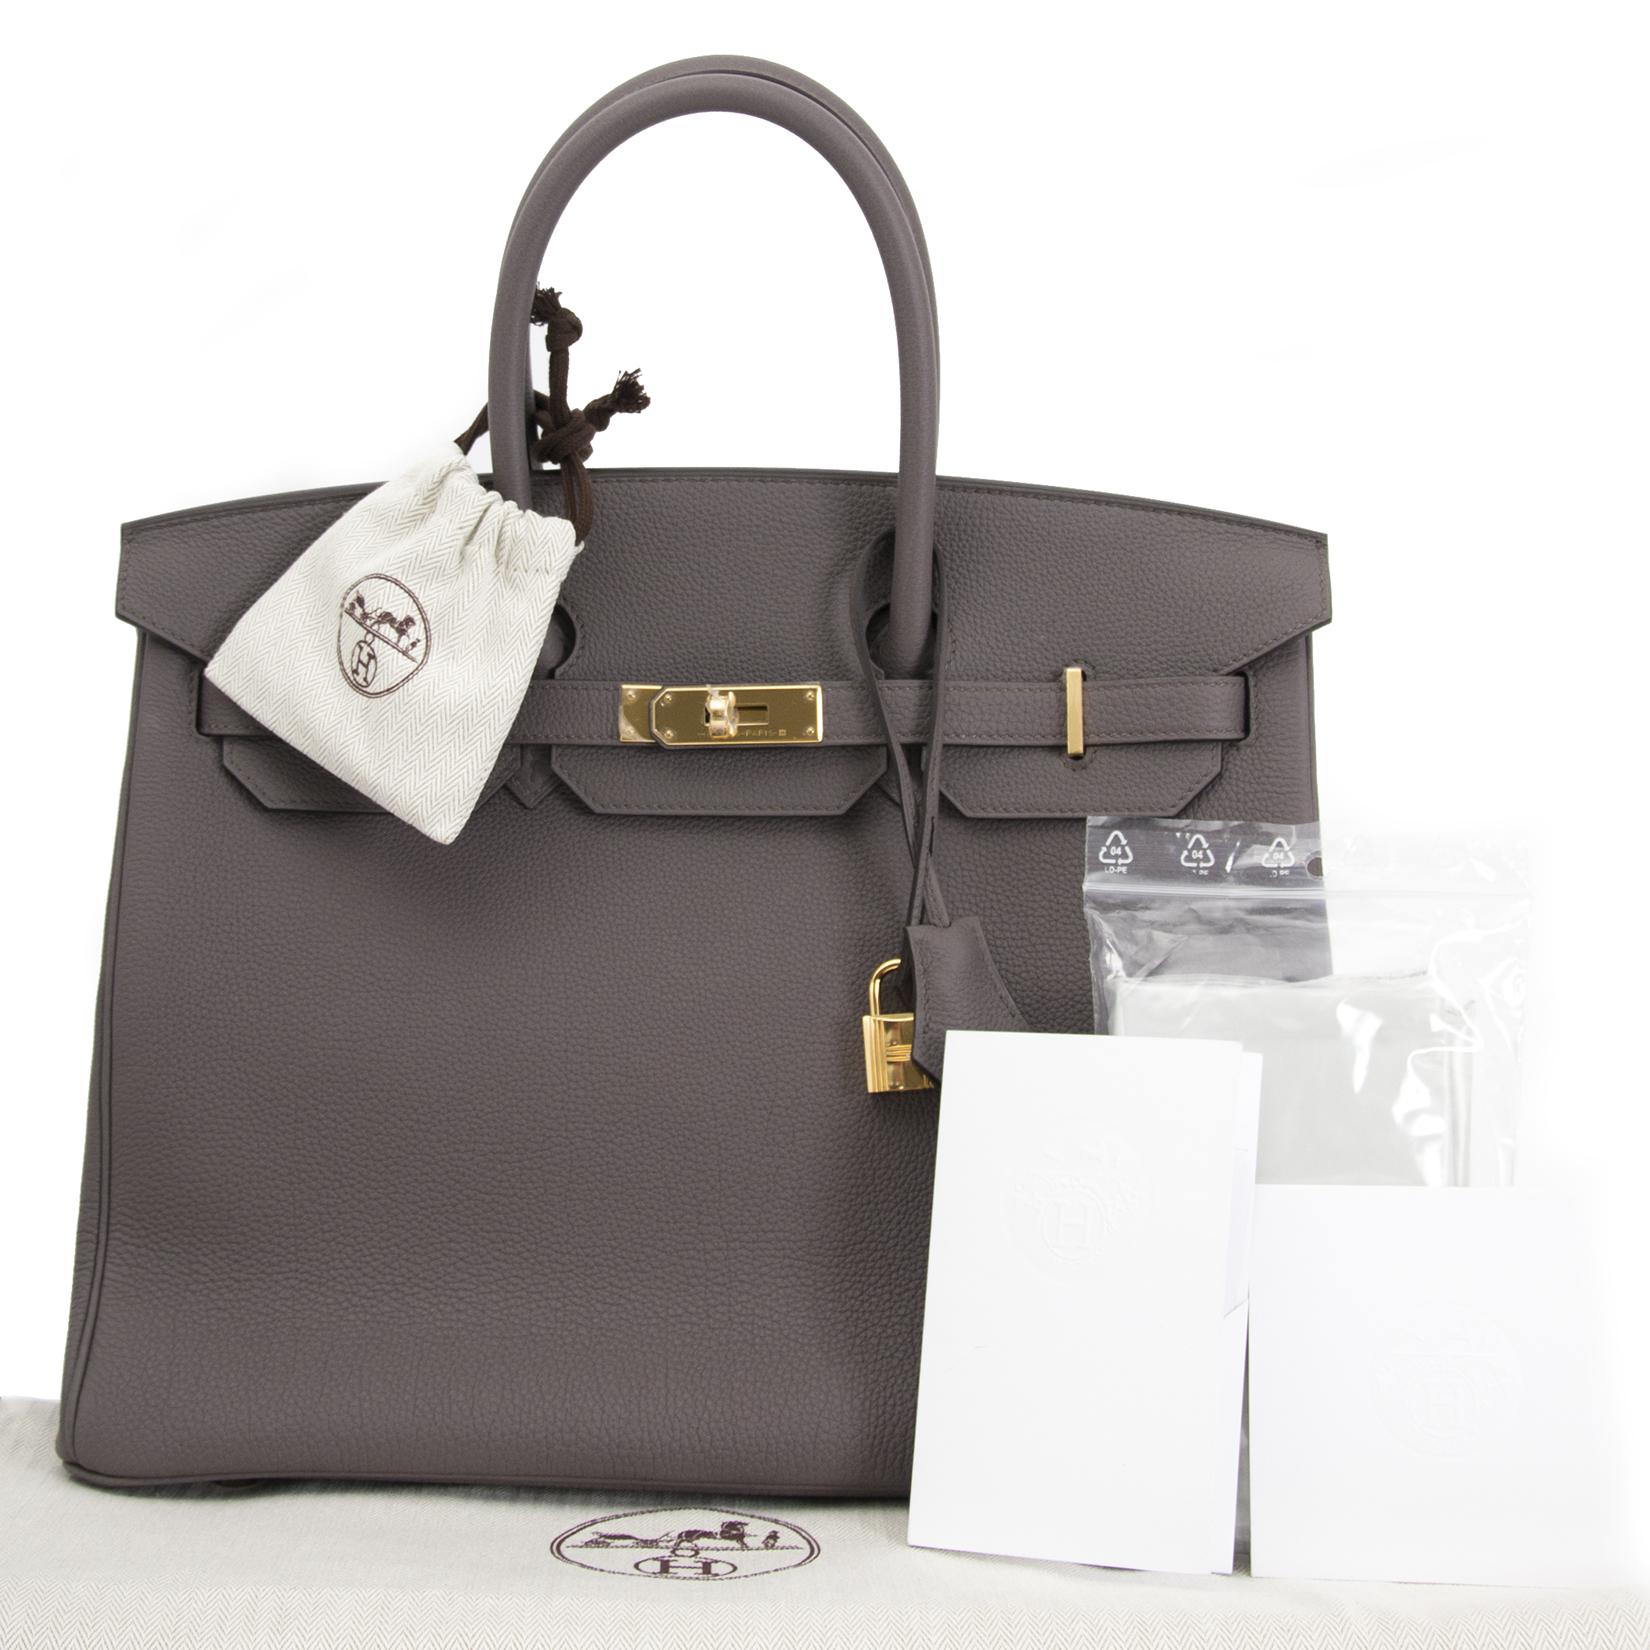 Bent u op zoek naar een authentieke designer handtas zoals deze Hermès Birkin 35 Etain Togo GHW?